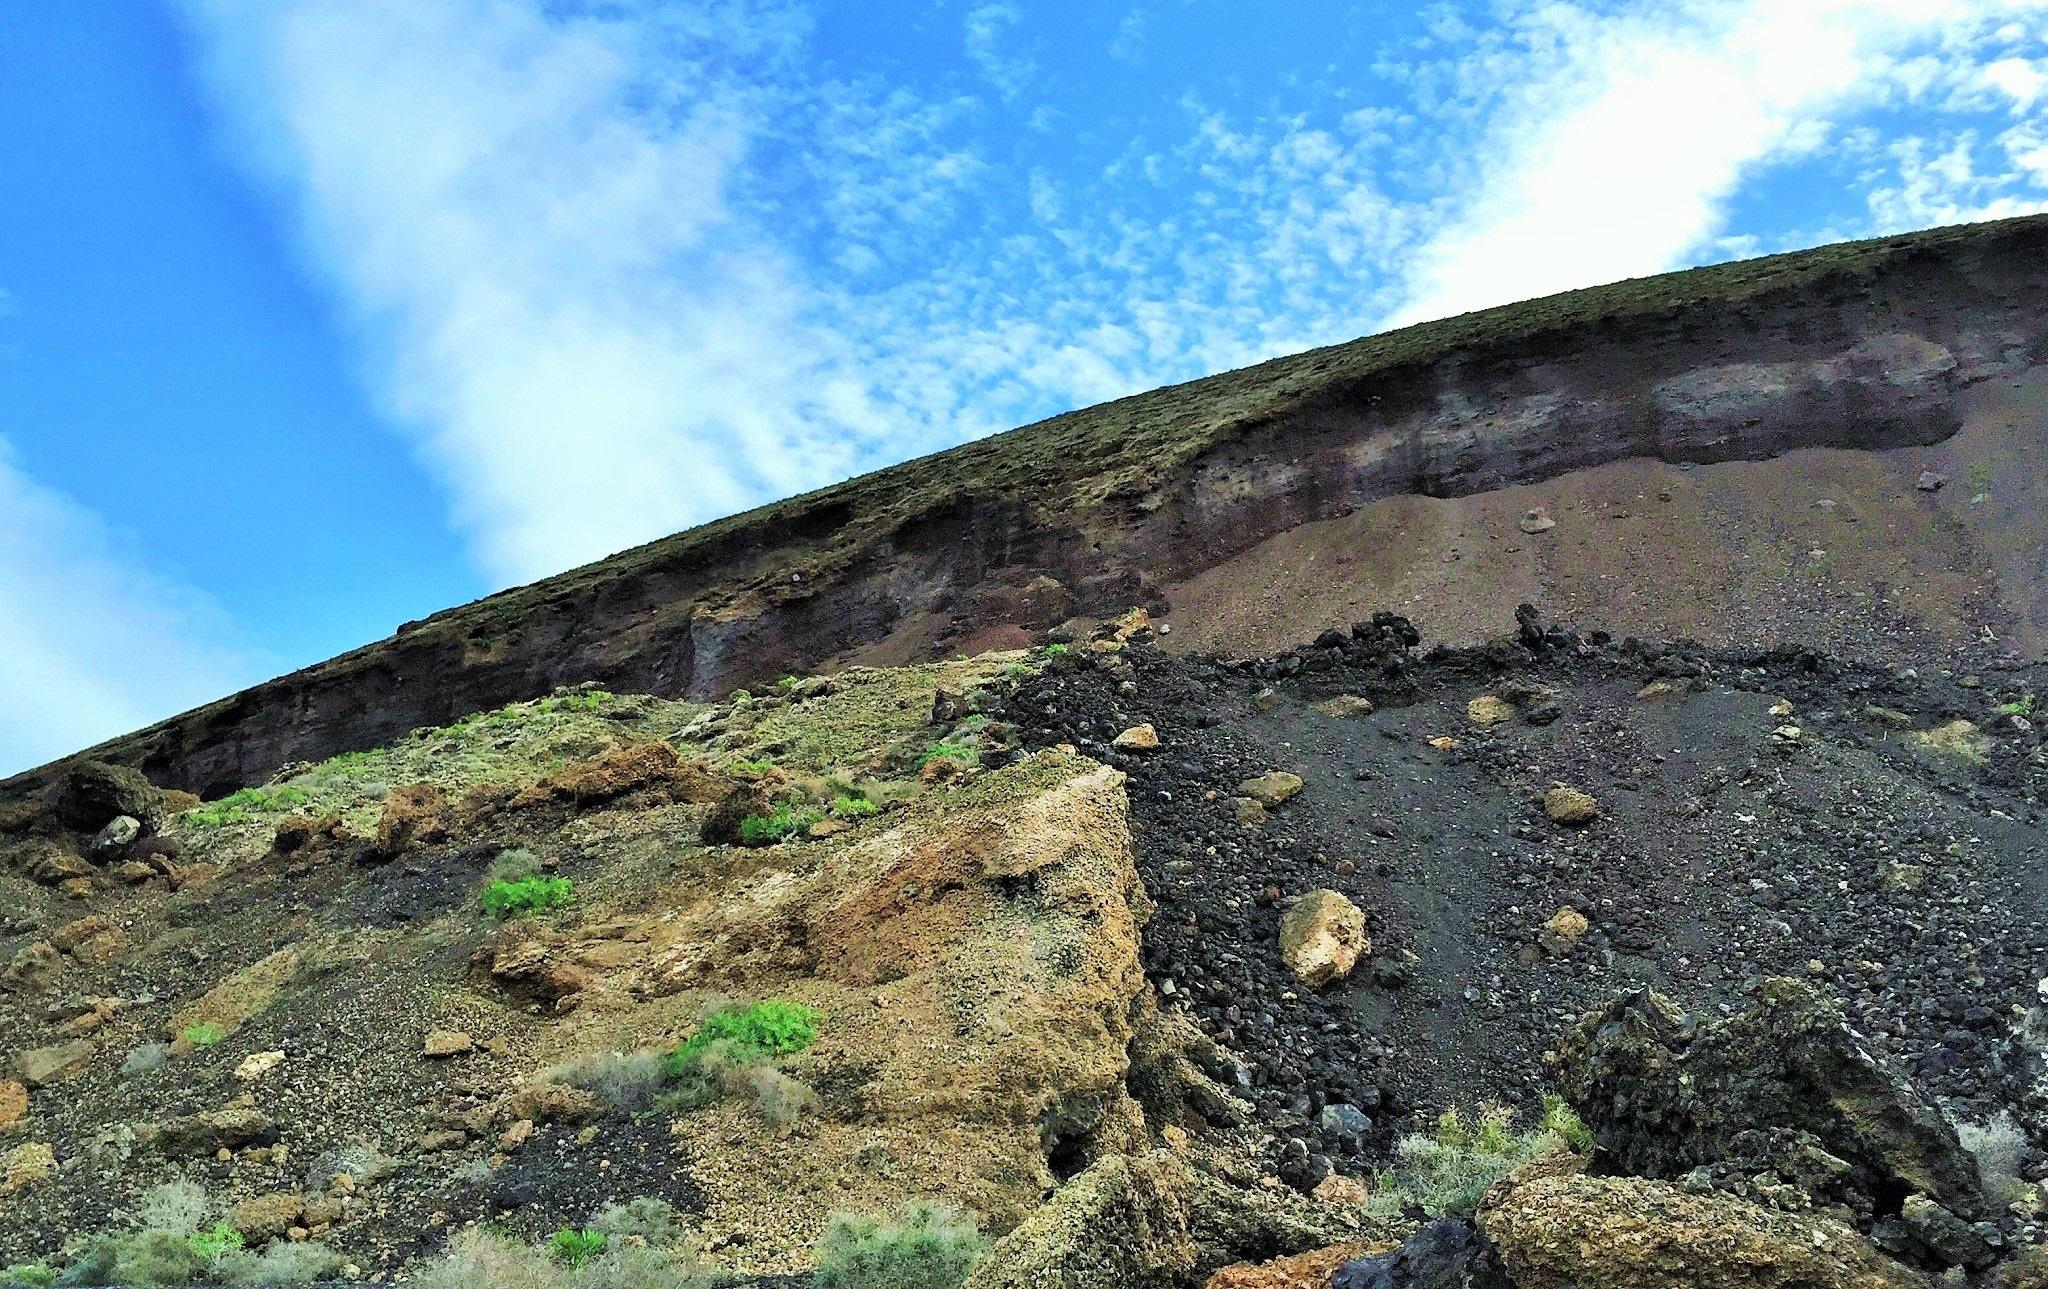 Montaña Tinamala, Guatiza, Lanzarote